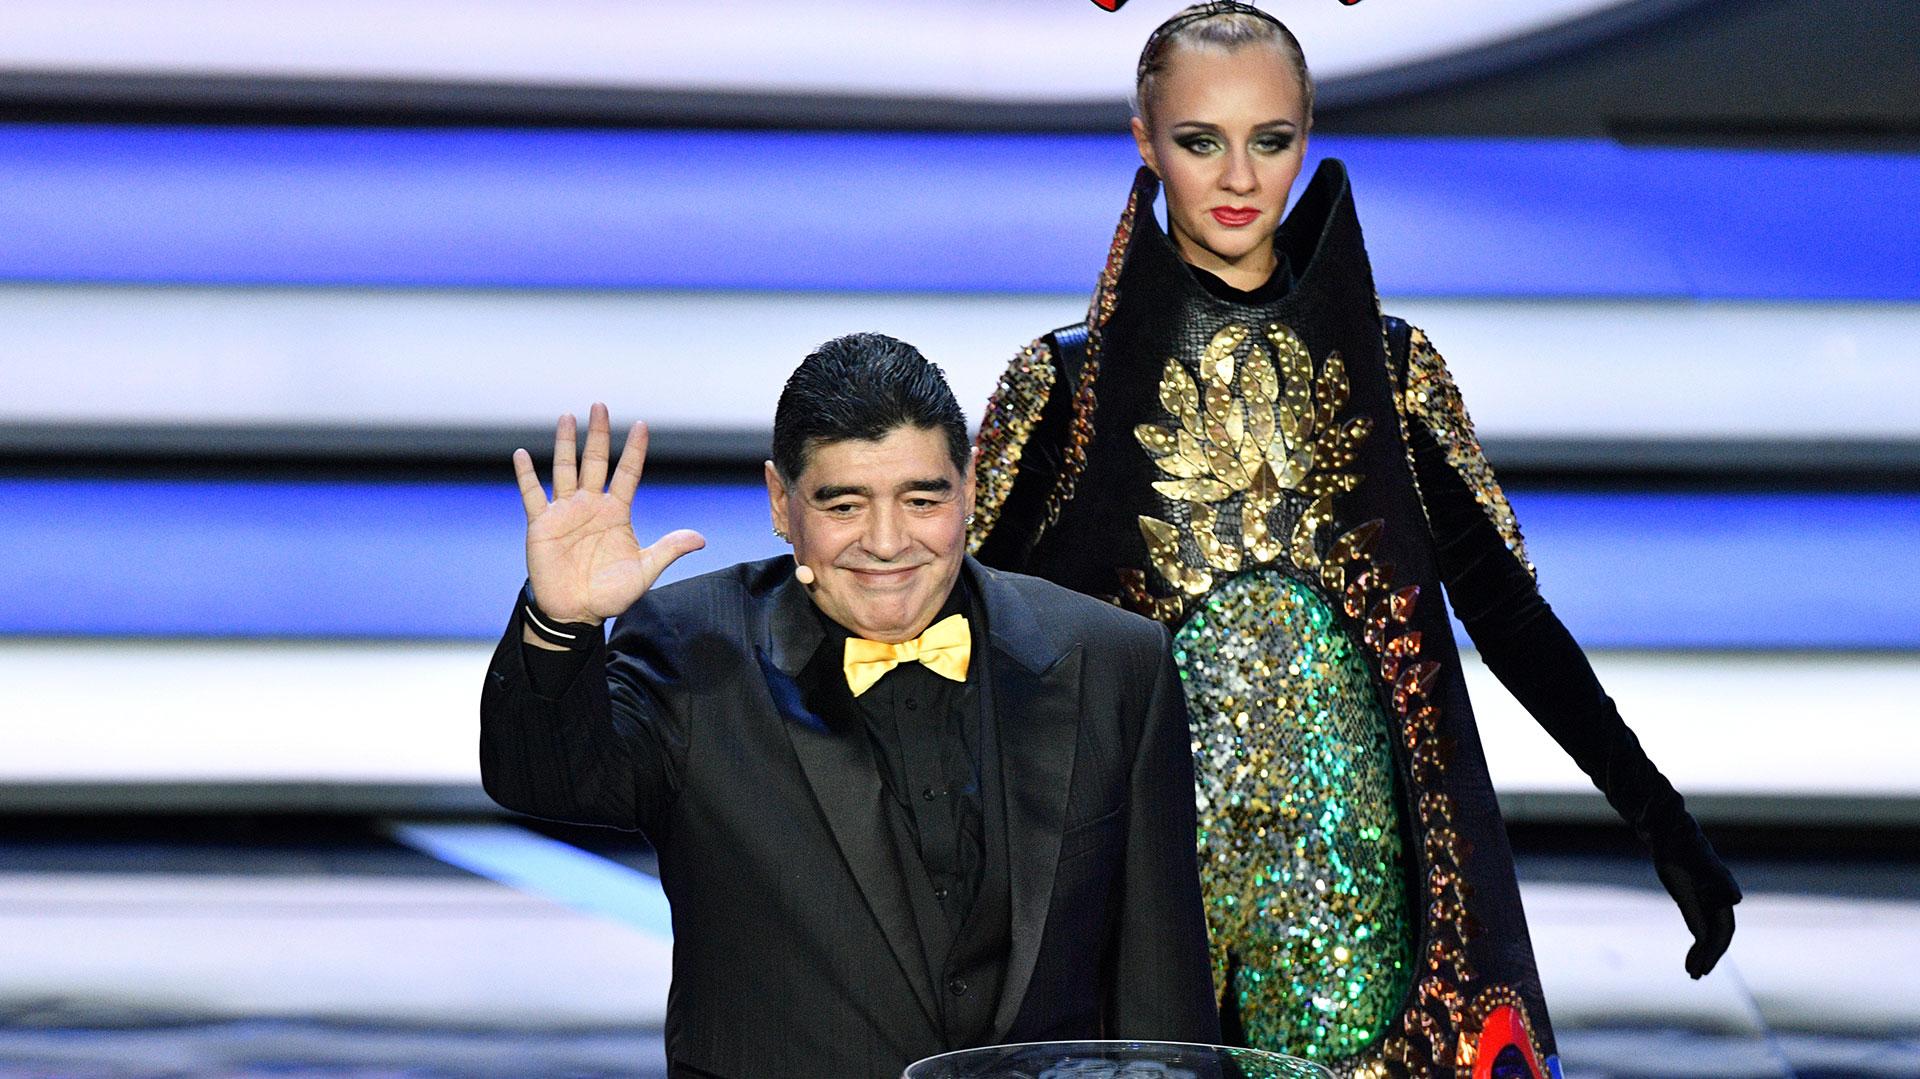 Diego Armando Maradona y su moño, una de las imágenes más comentada (AFP)